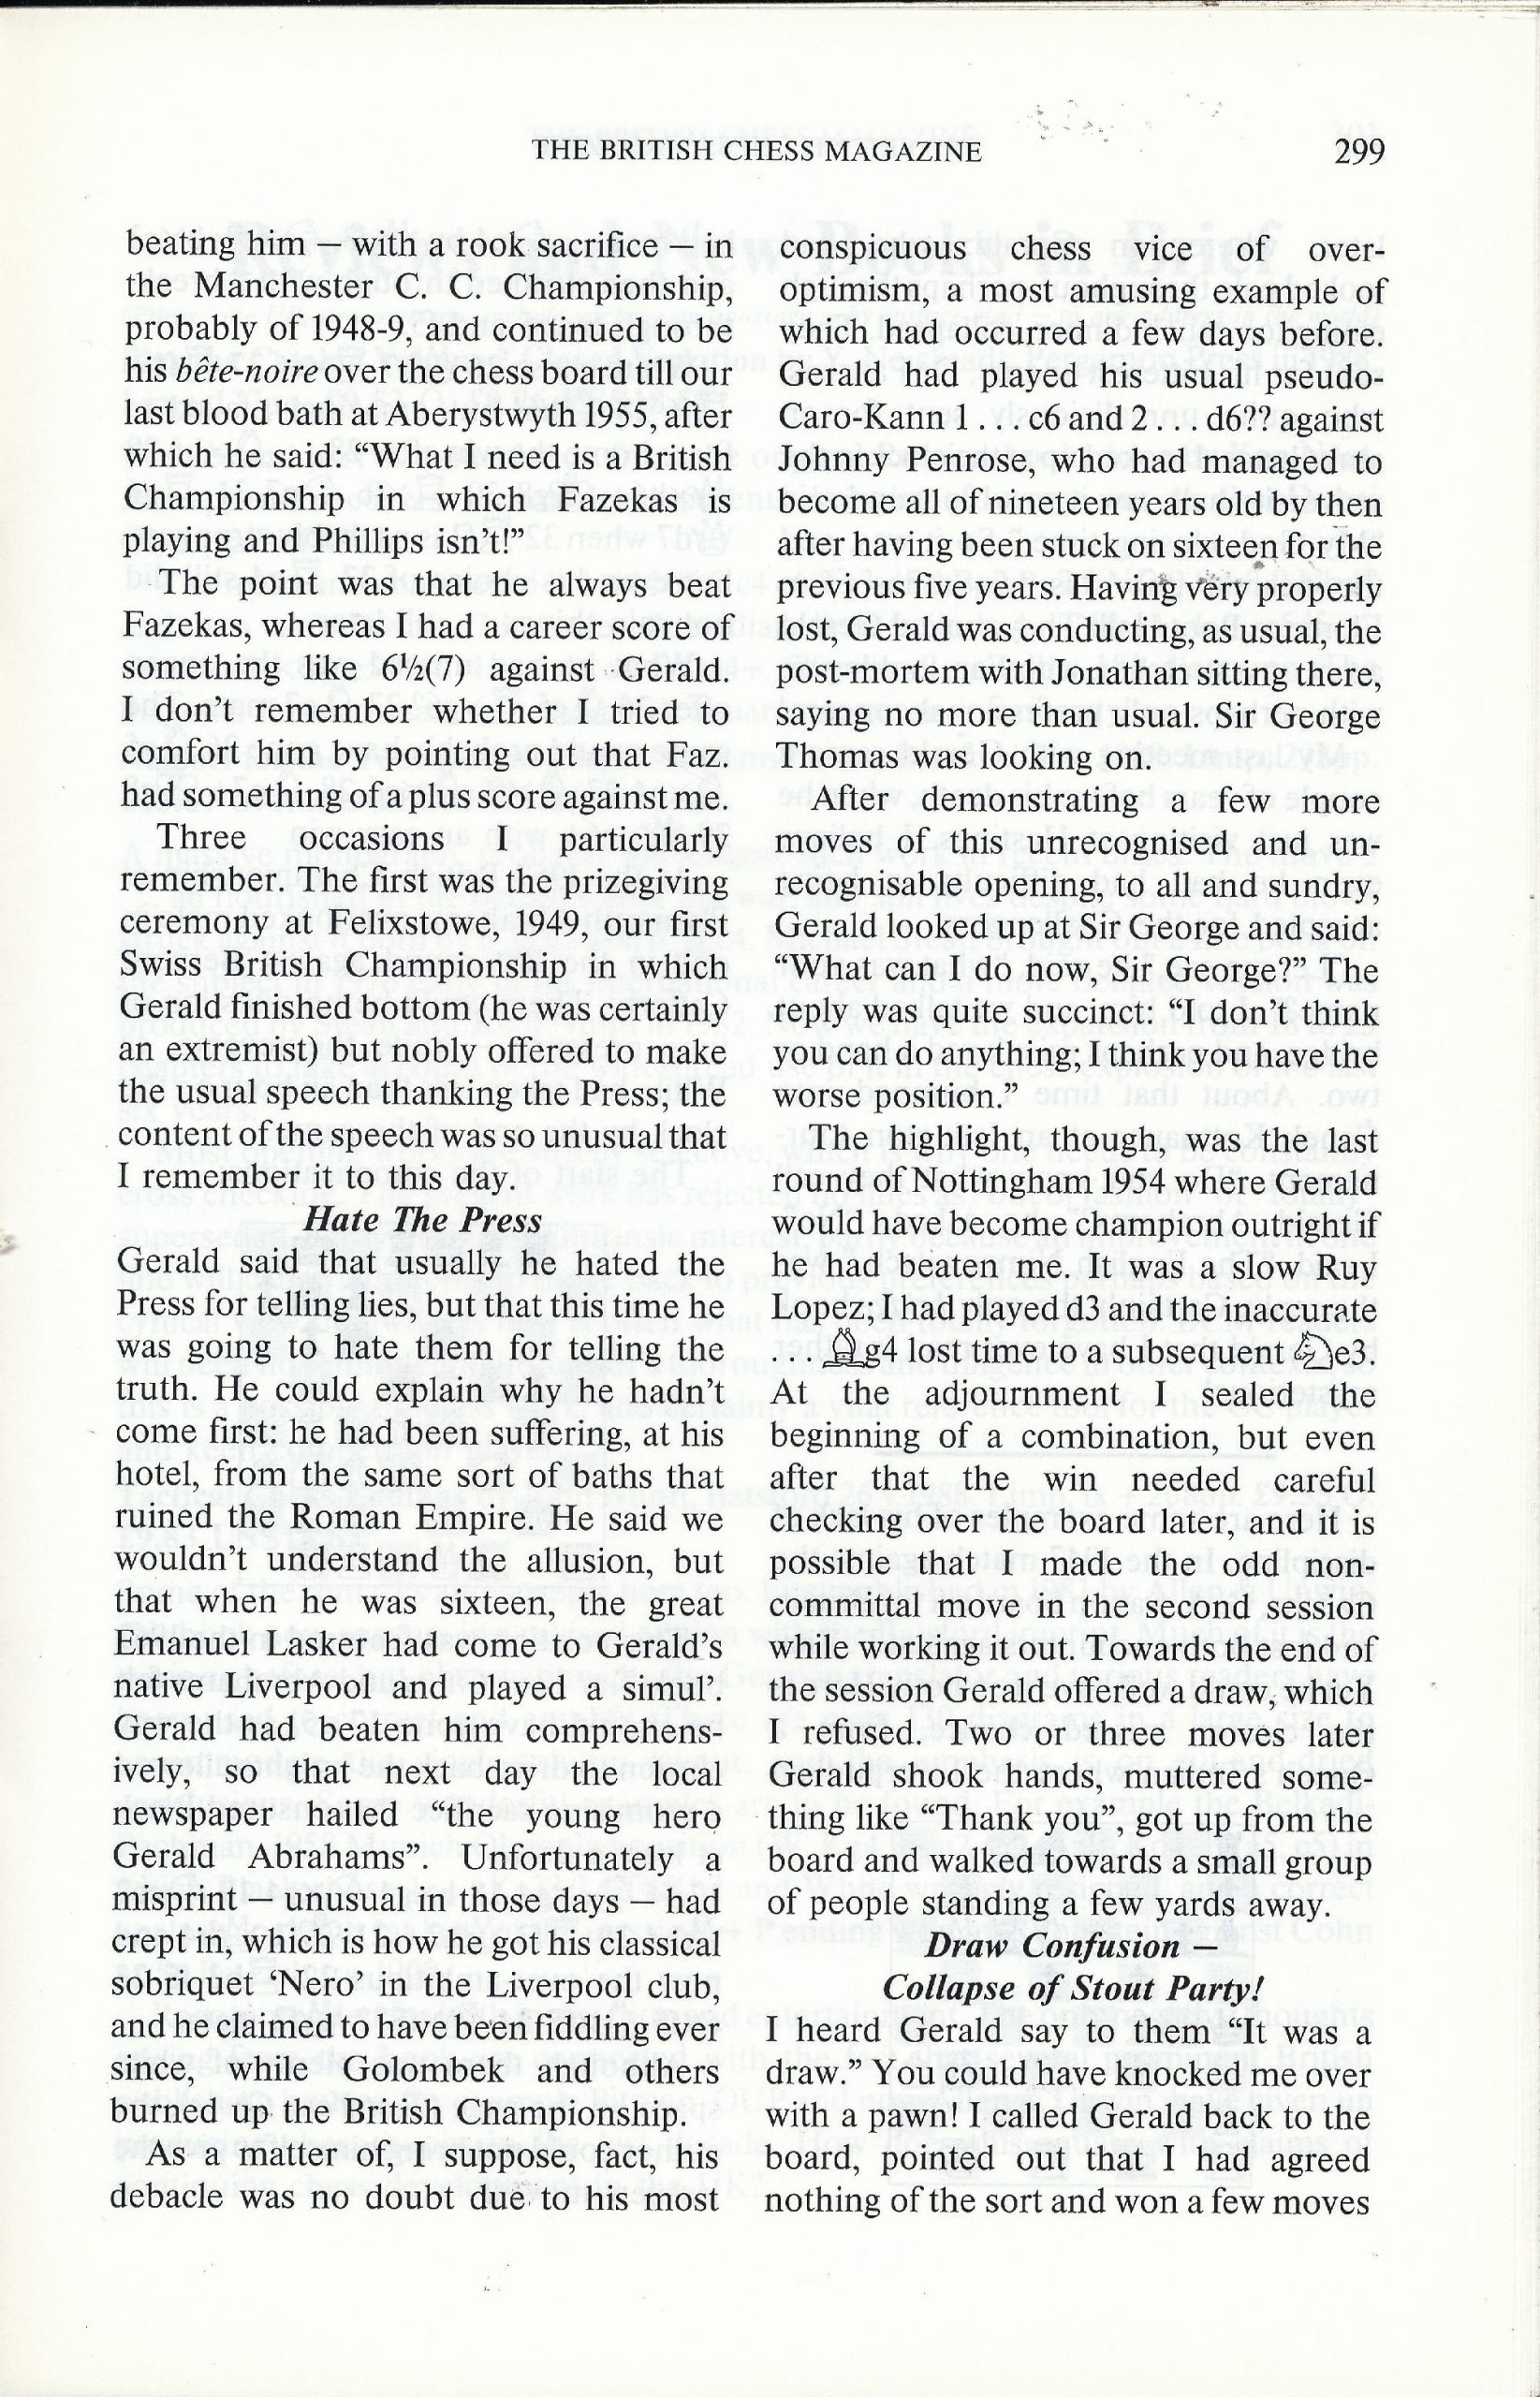 British Chess Magazine, Volume CVIII (1988), Number 7 (July), pp. 299